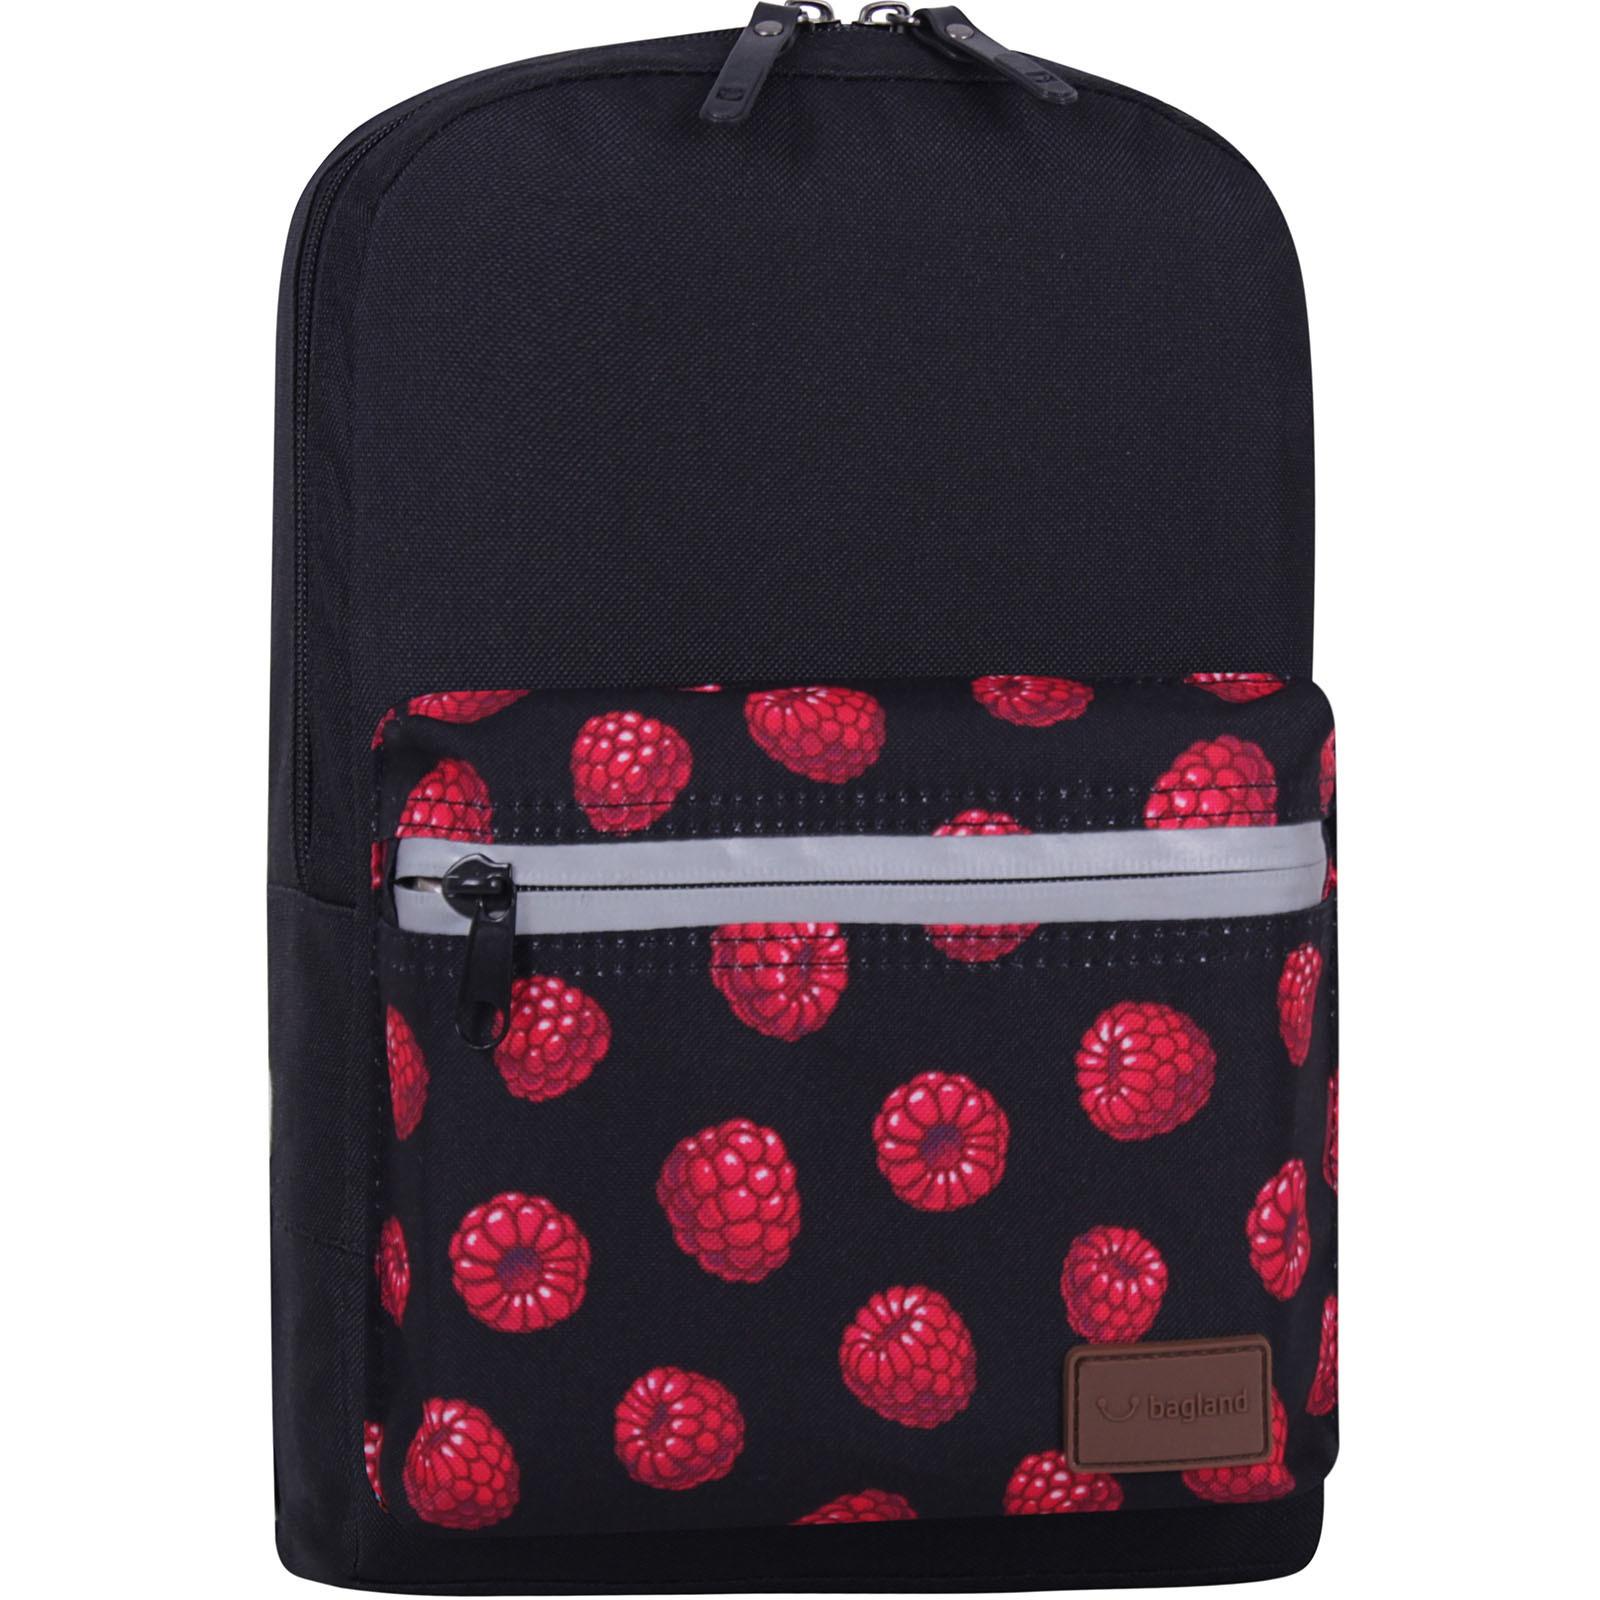 Молодежные рюкзаки Рюкзак Bagland Молодежный mini 8 л. черный 761 (0050866) IMG_7734_суб761_-1600.jpg